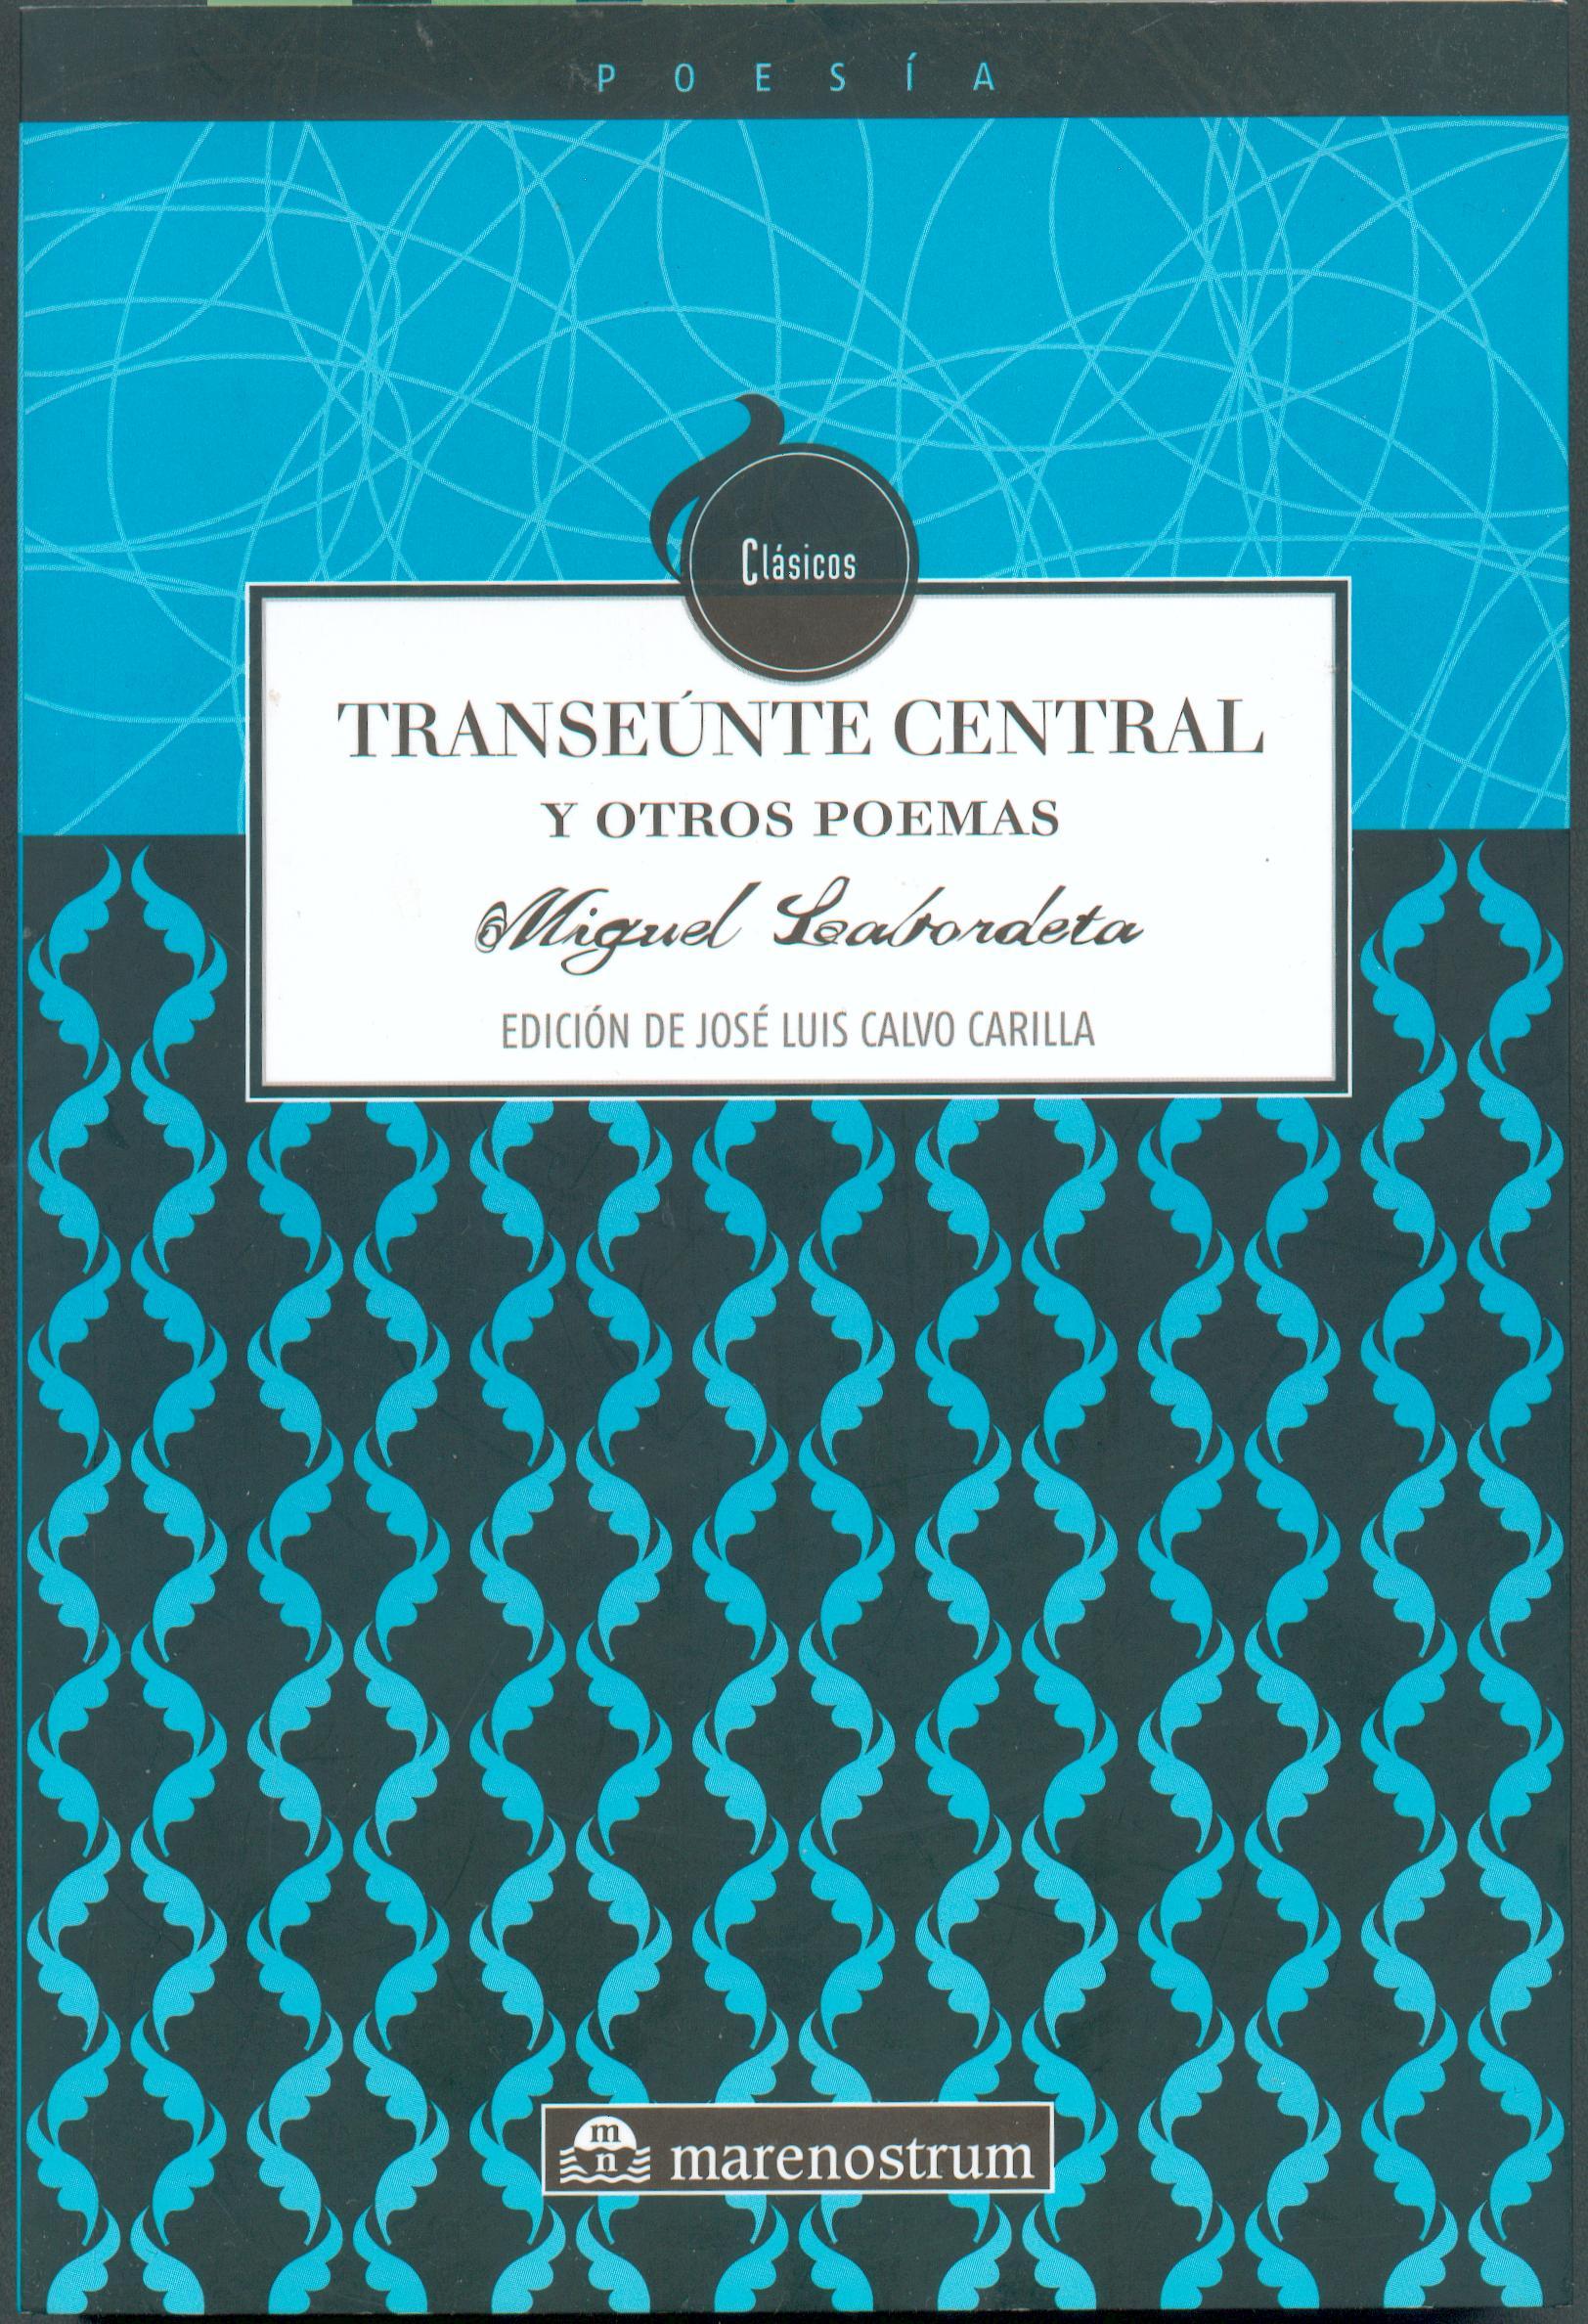 Transeúnte central de Miguel Labordeta en edición de José Luis Calvo Carilla